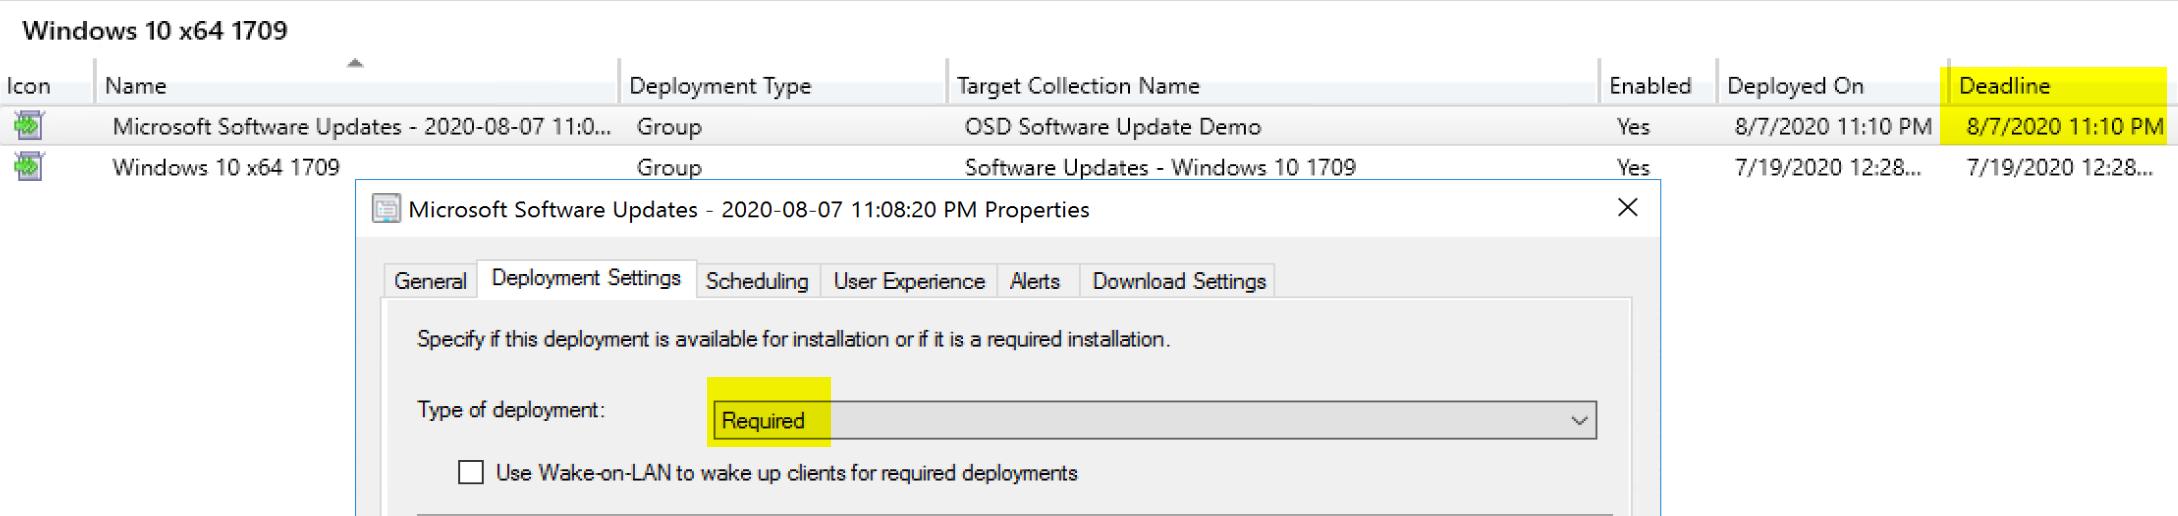 Install Software Update 10